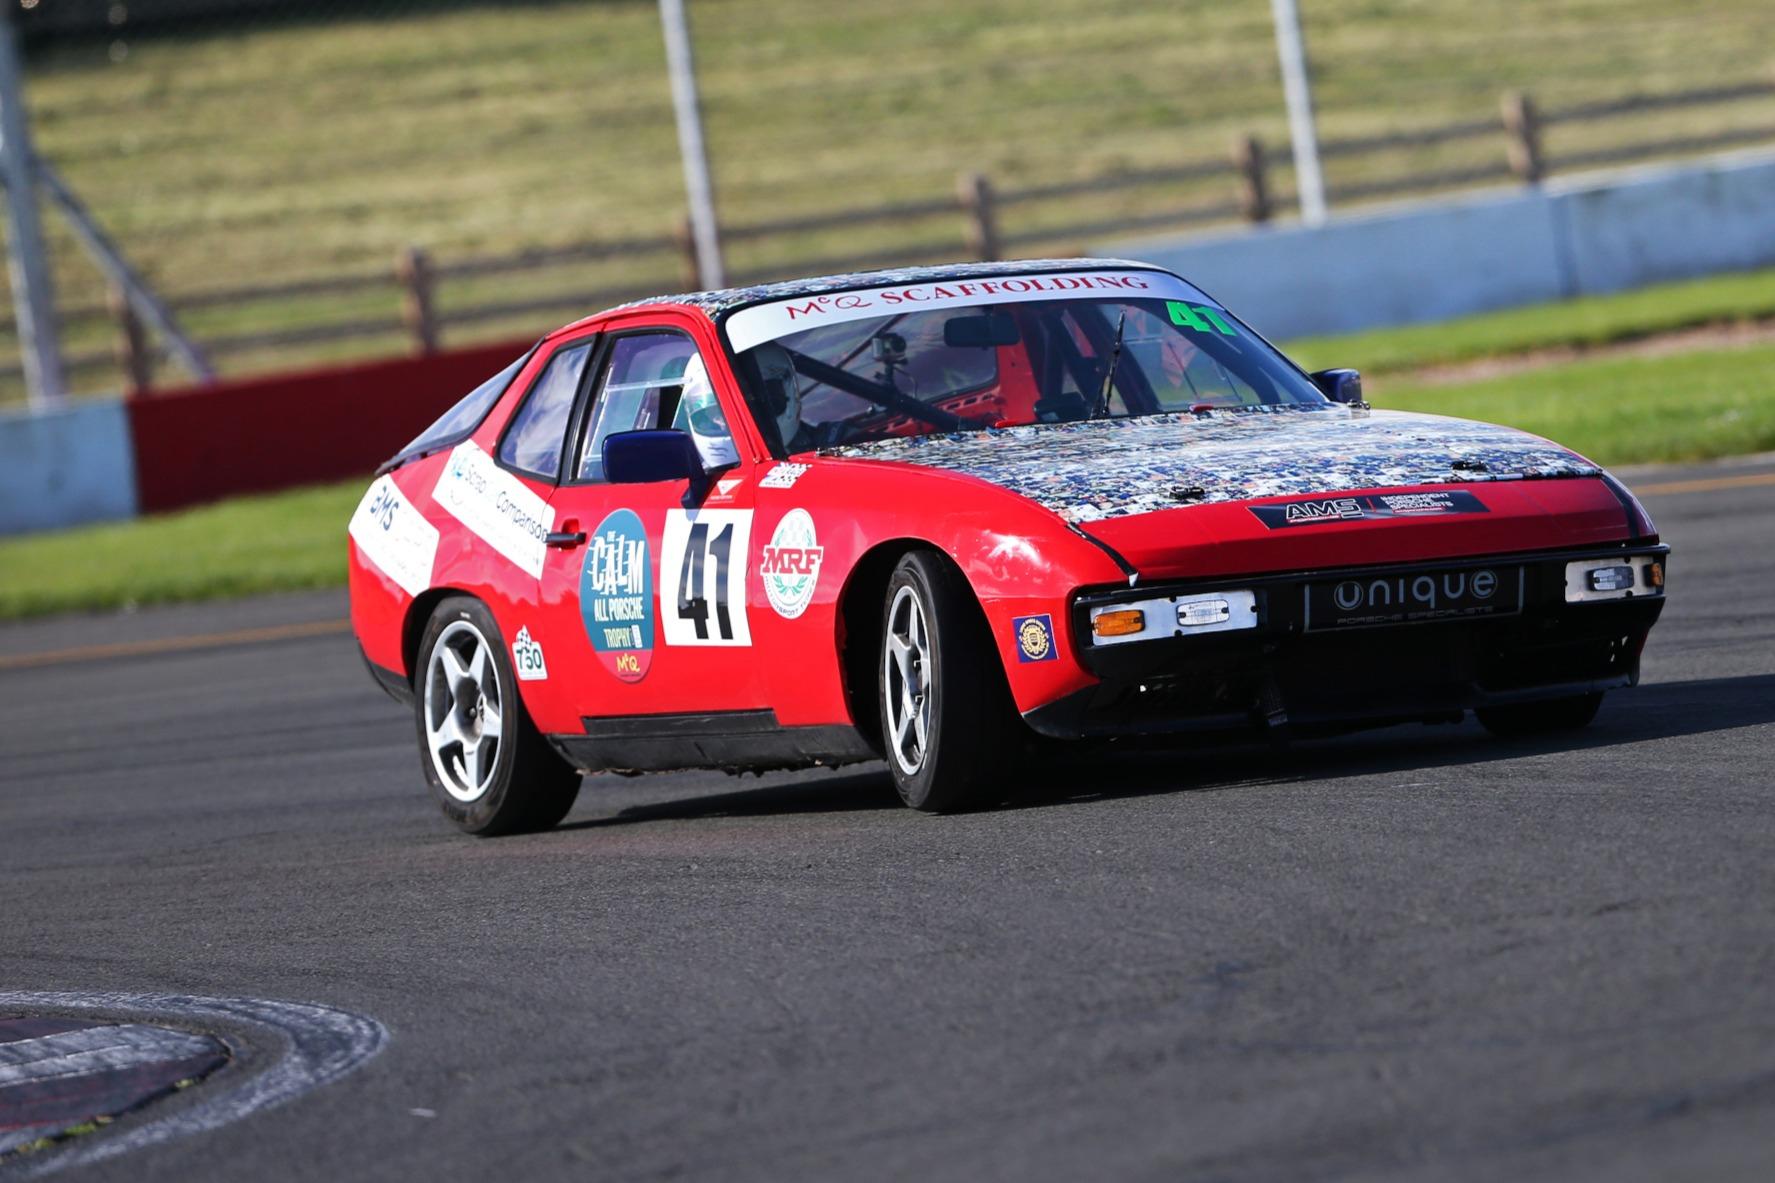 Sam Callahan, Porsche Donington Park